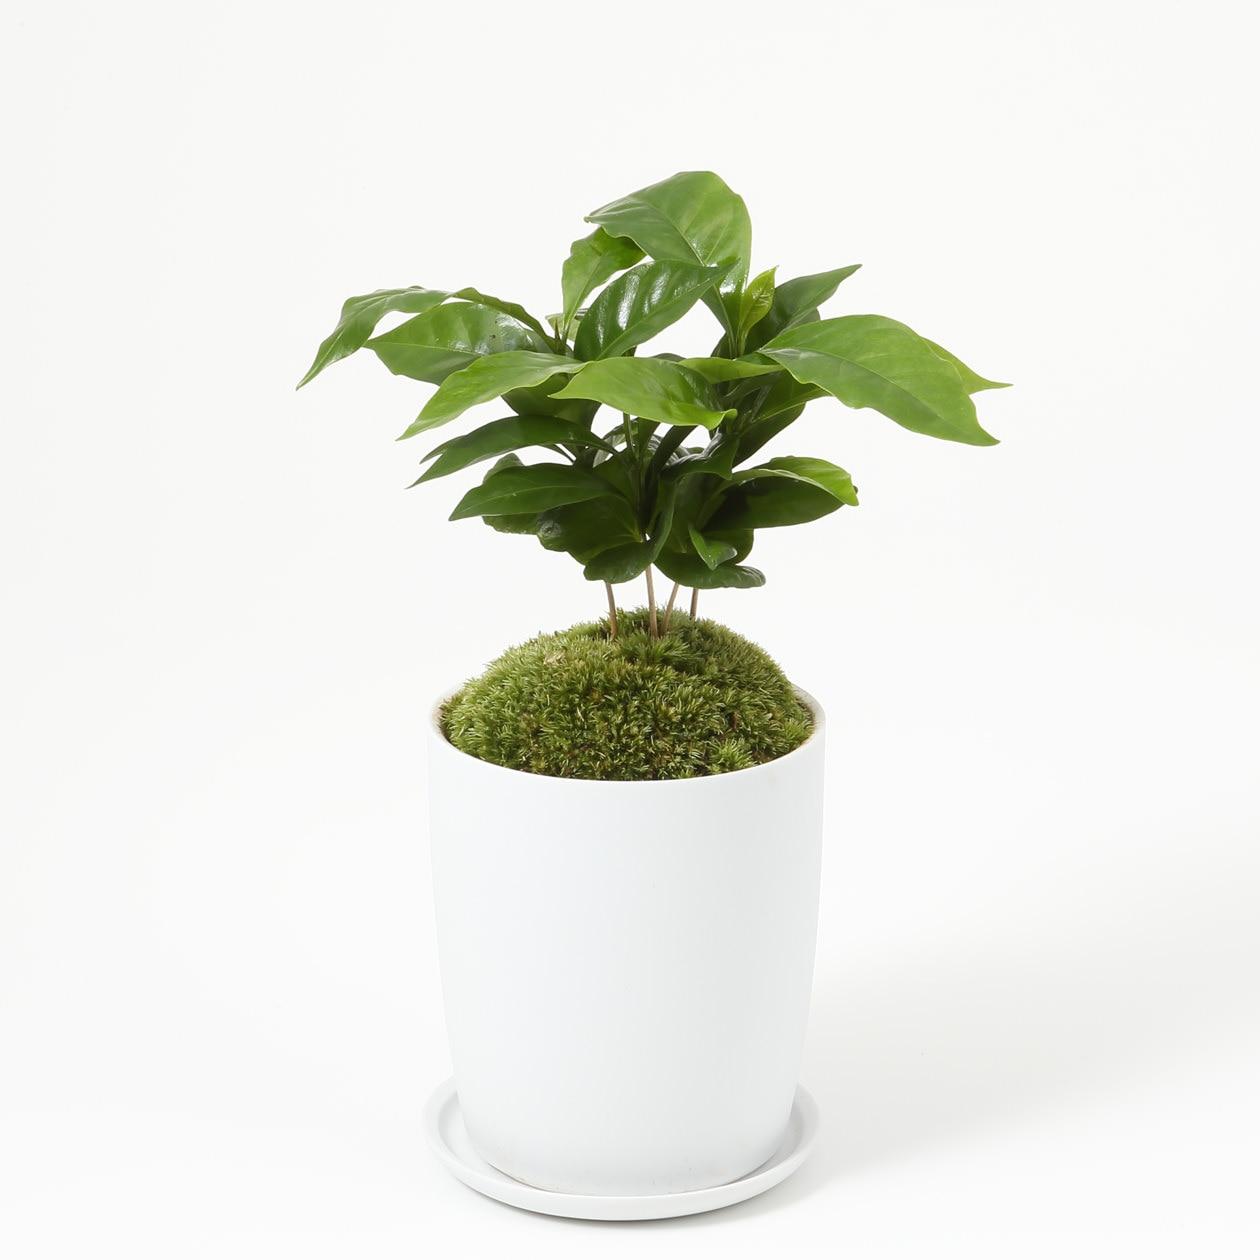 【ネット限定】盆栽 コーヒーの木